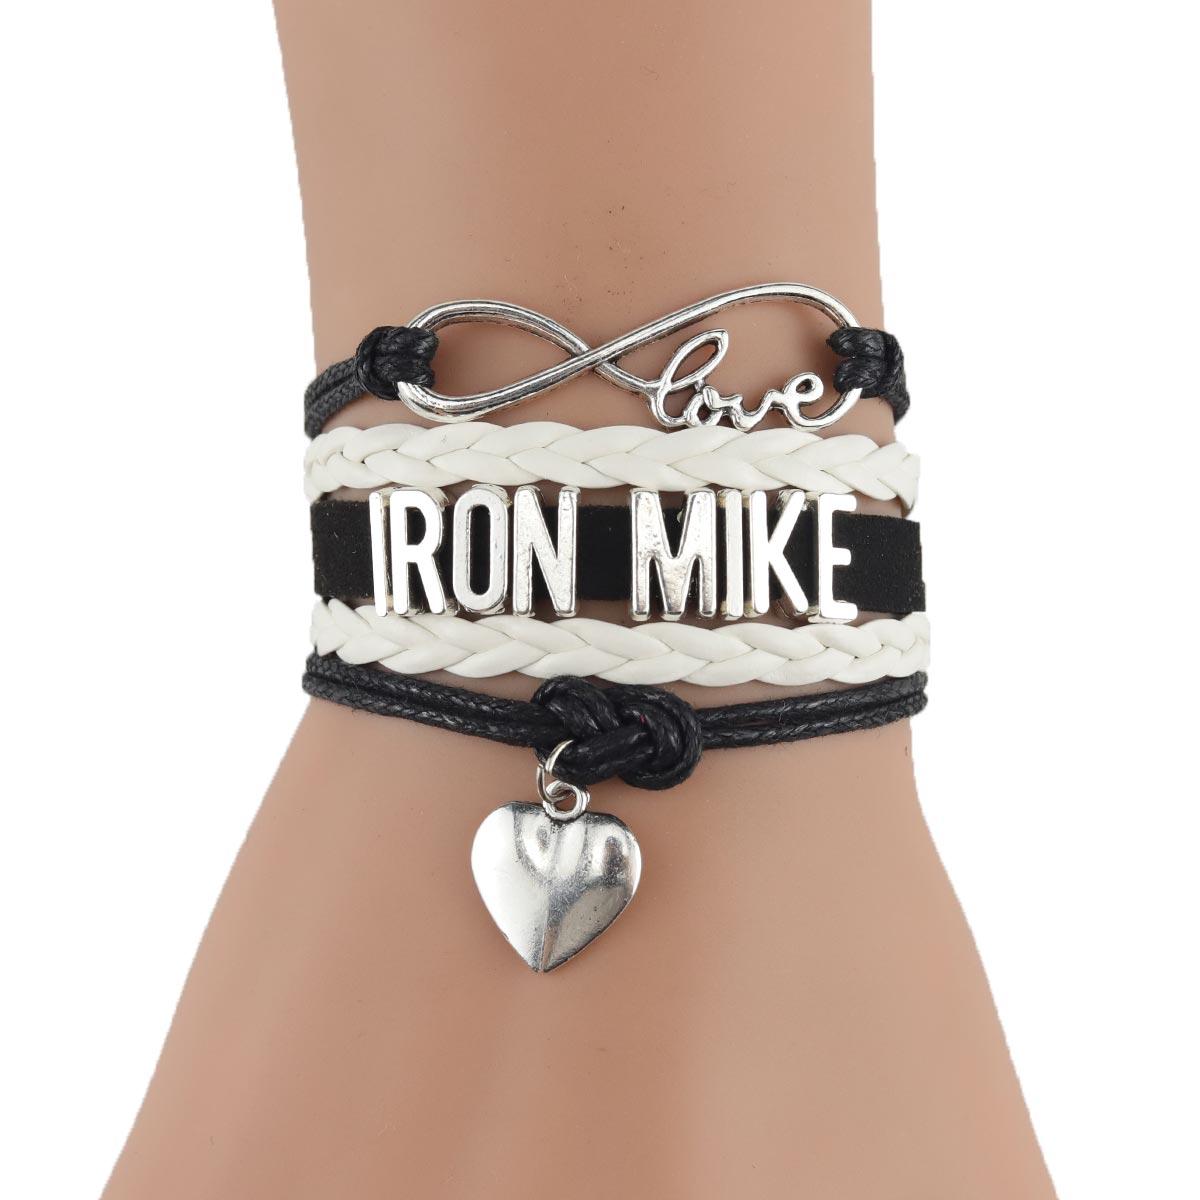 Pulsera Infinity love IRON MIKE para mujer, pulsera de cuero con cuentas, pulsera hecha a mano para mujer y hombre, joyería